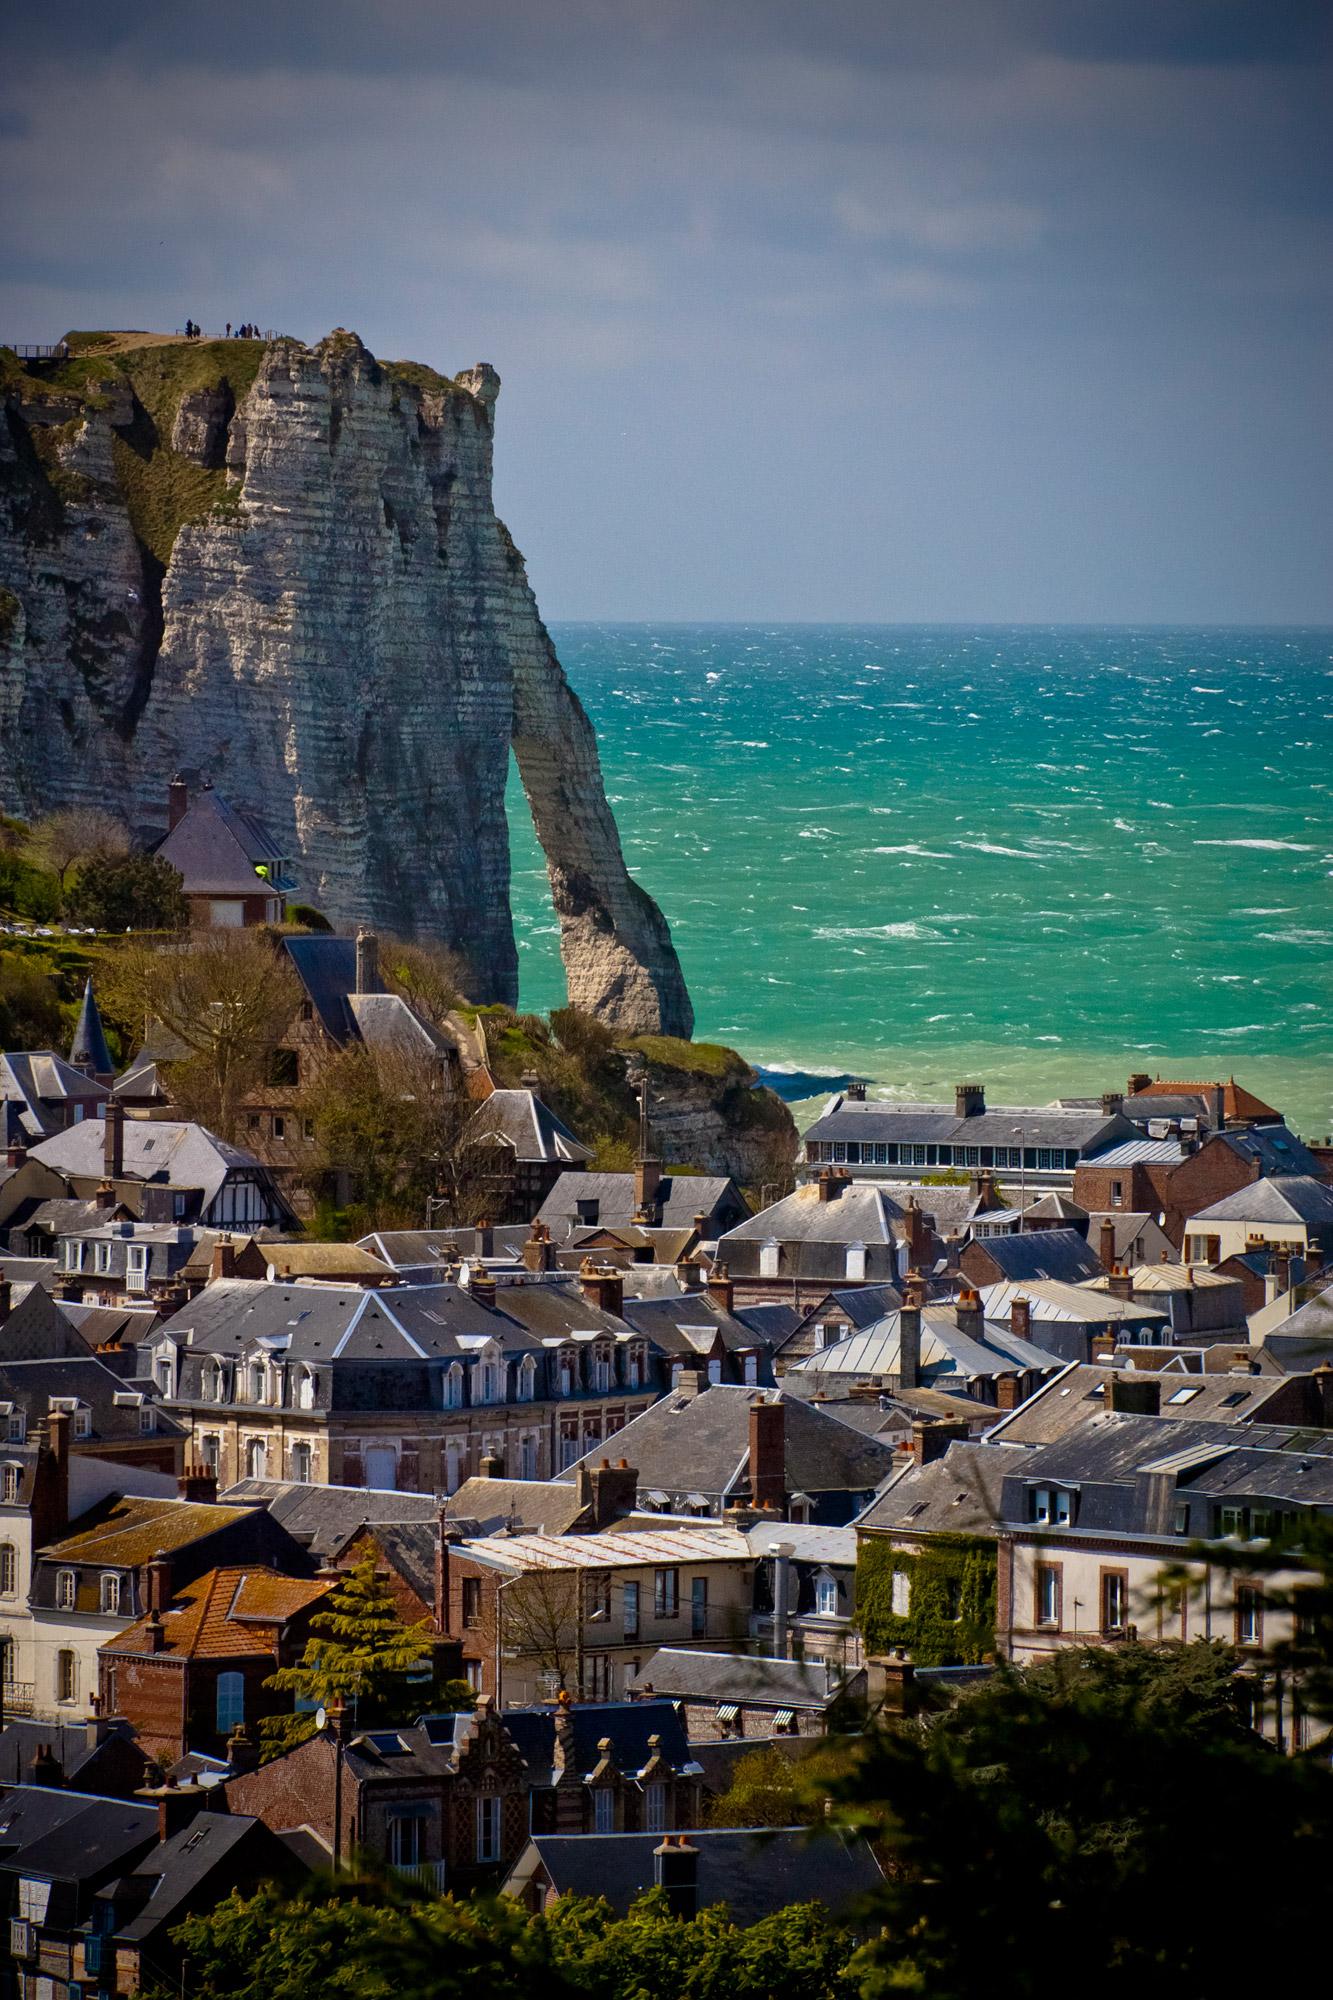 Toits des maisons de la ville d'Etretat et en arrière-plan une des falaises typiques surplombant la Manche